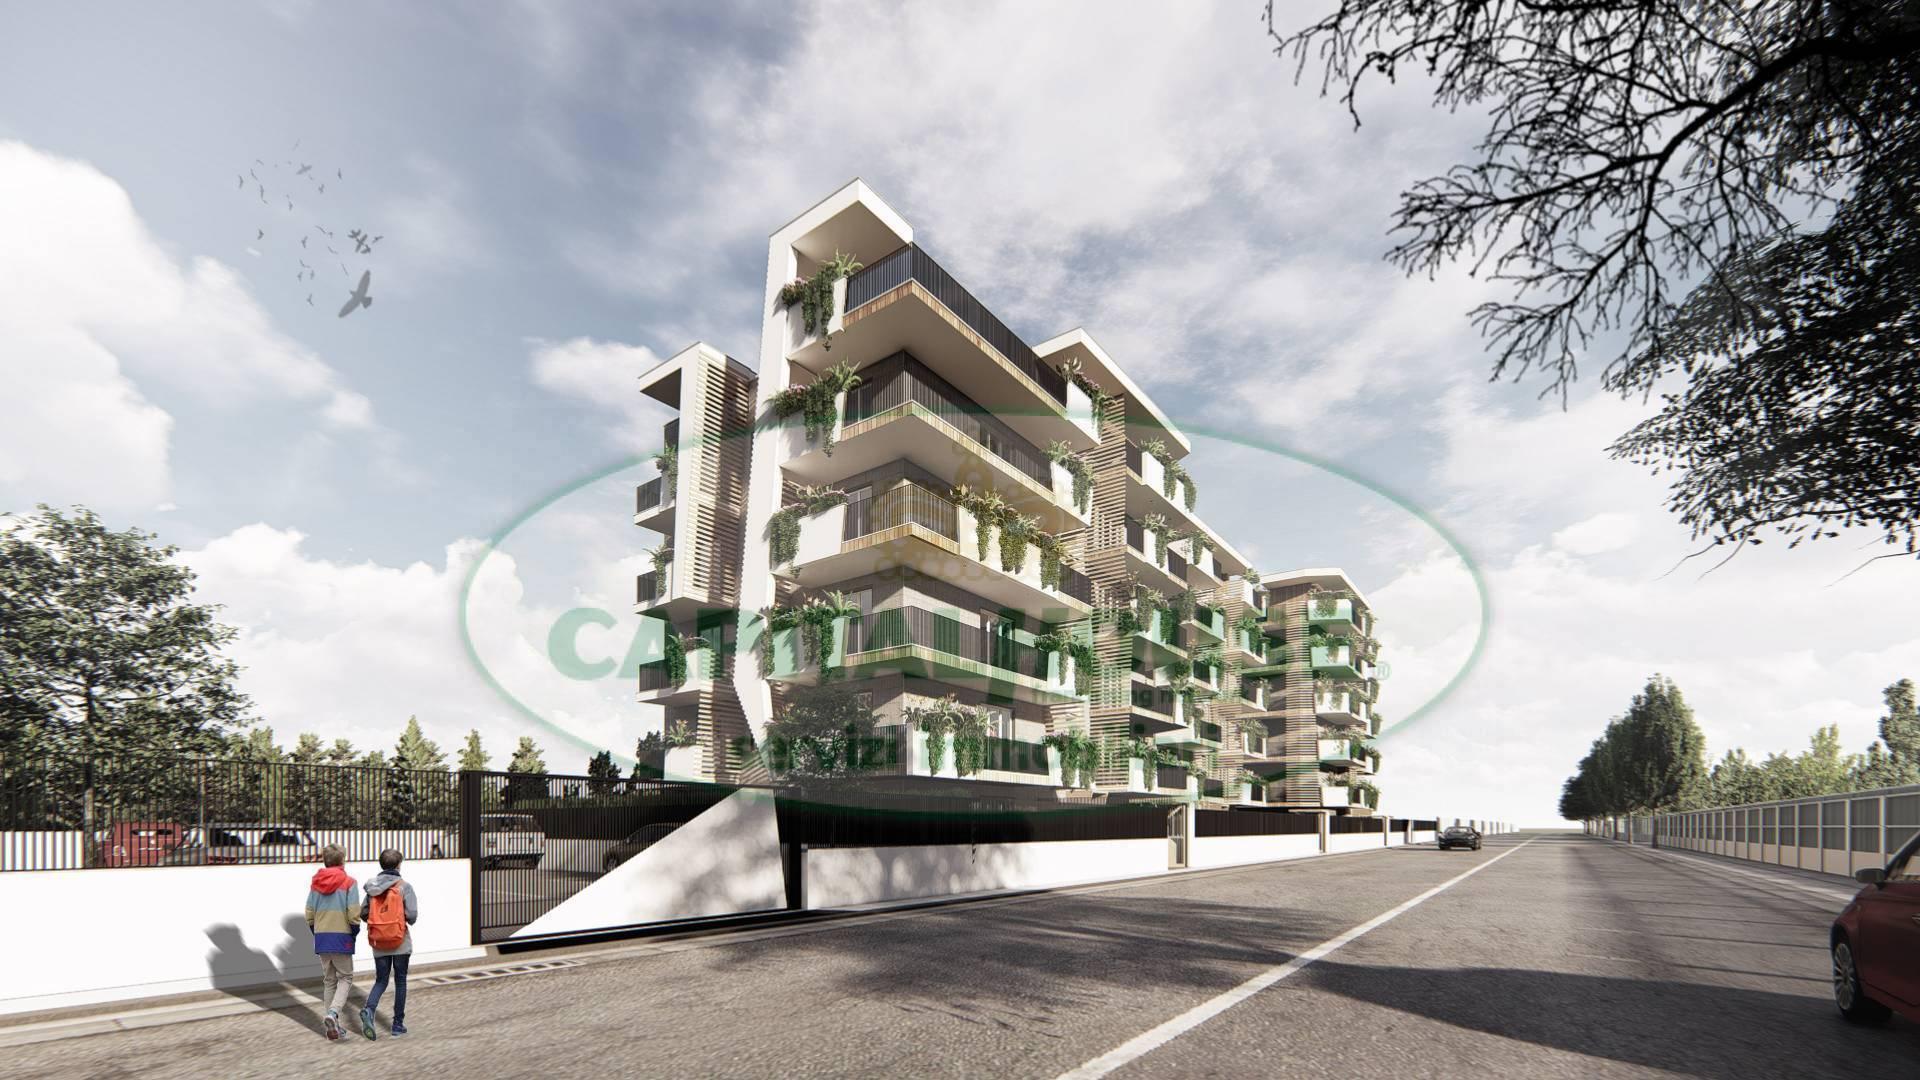 Appartamento in vendita a Marigliano, 4 locali, prezzo € 200.000 | CambioCasa.it